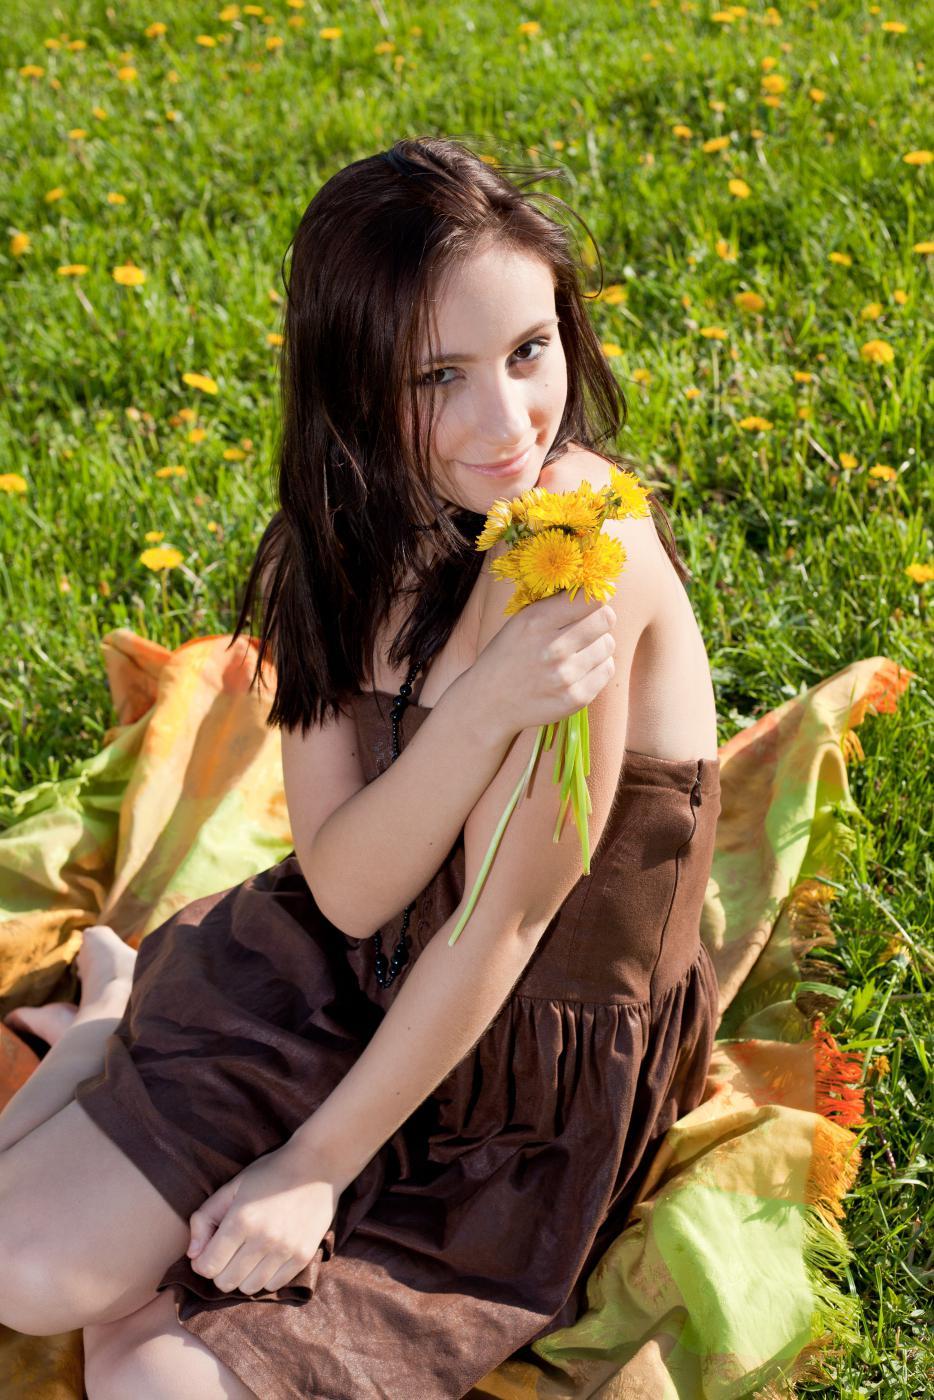 Темноволосая малышка Victory Nubiles хочет насладиться мягкой зеленой травой и нежным солнышком на своем обнаженном теле